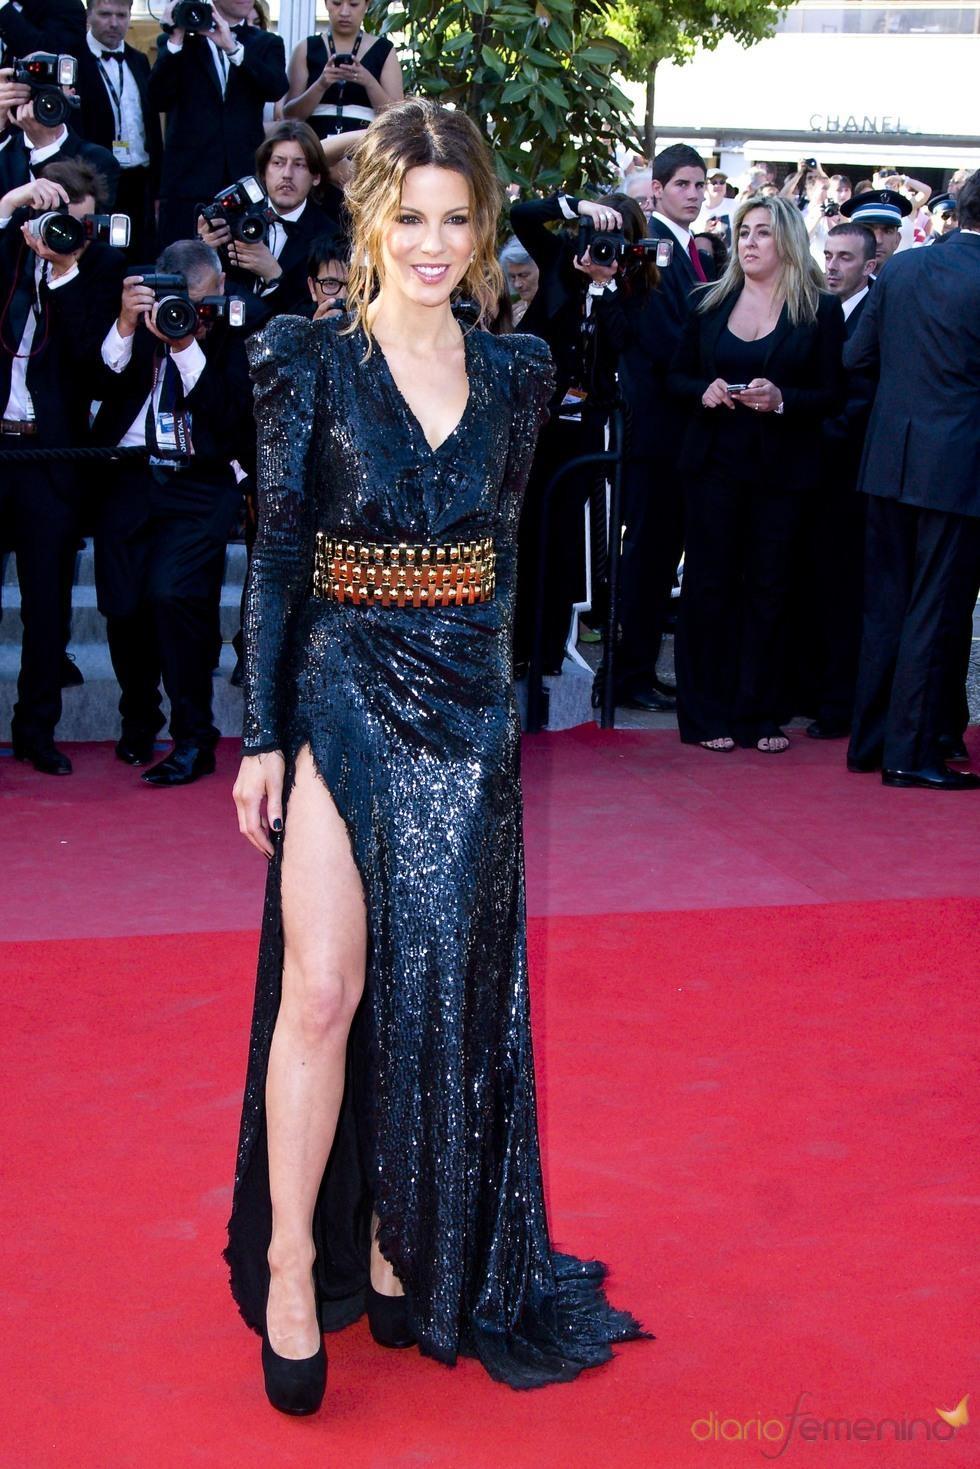 Kate Beckinsale, con la pierna al descubierto en Cannes